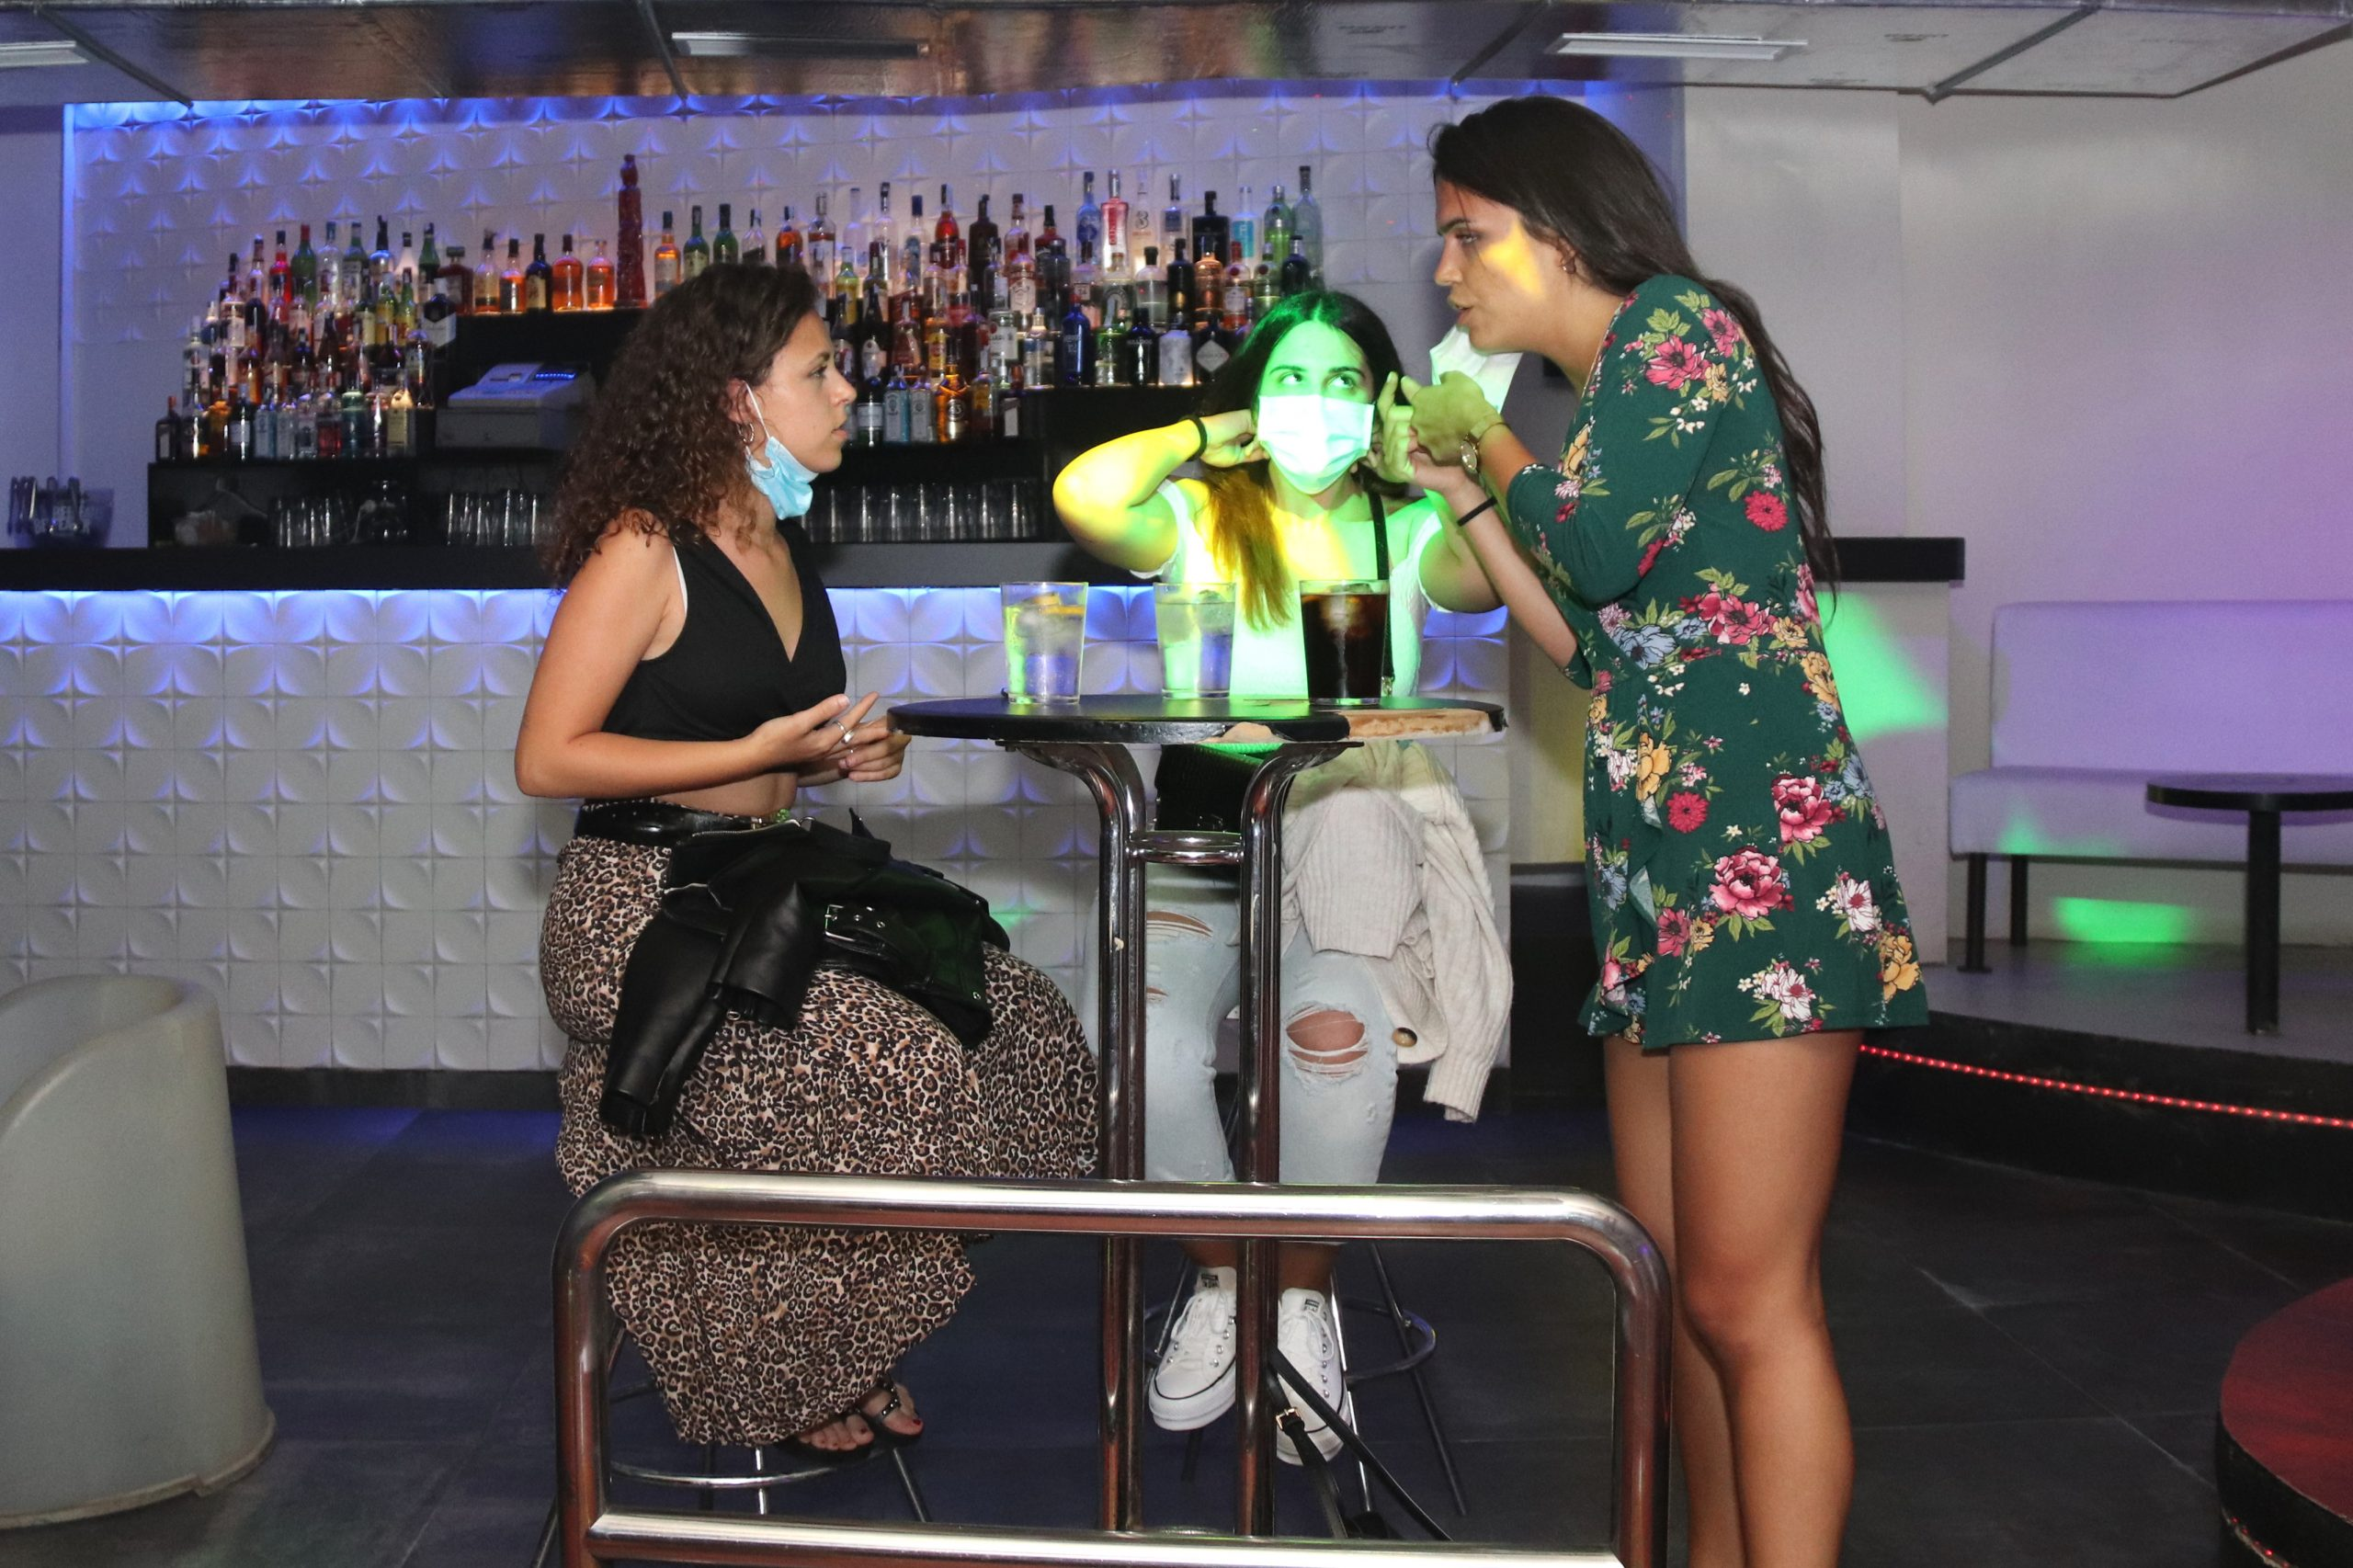 Tres clientes de la discoteca Totem fent una copa en una de les taules que s'han col·locat.